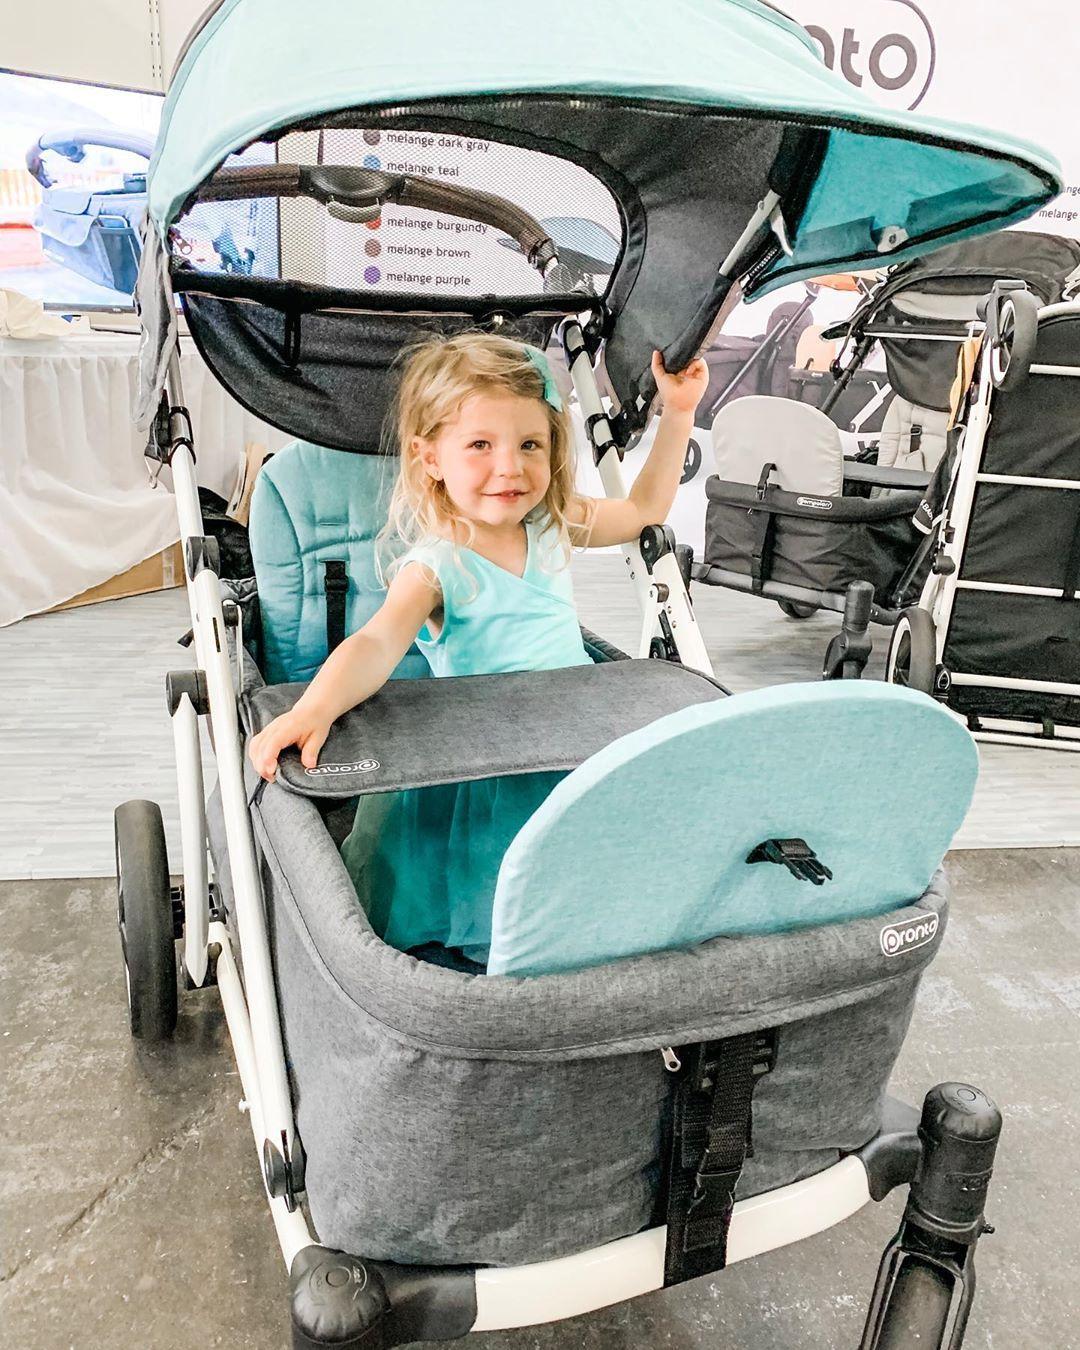 TADA! 👑 A princess carriage for your precious little ones